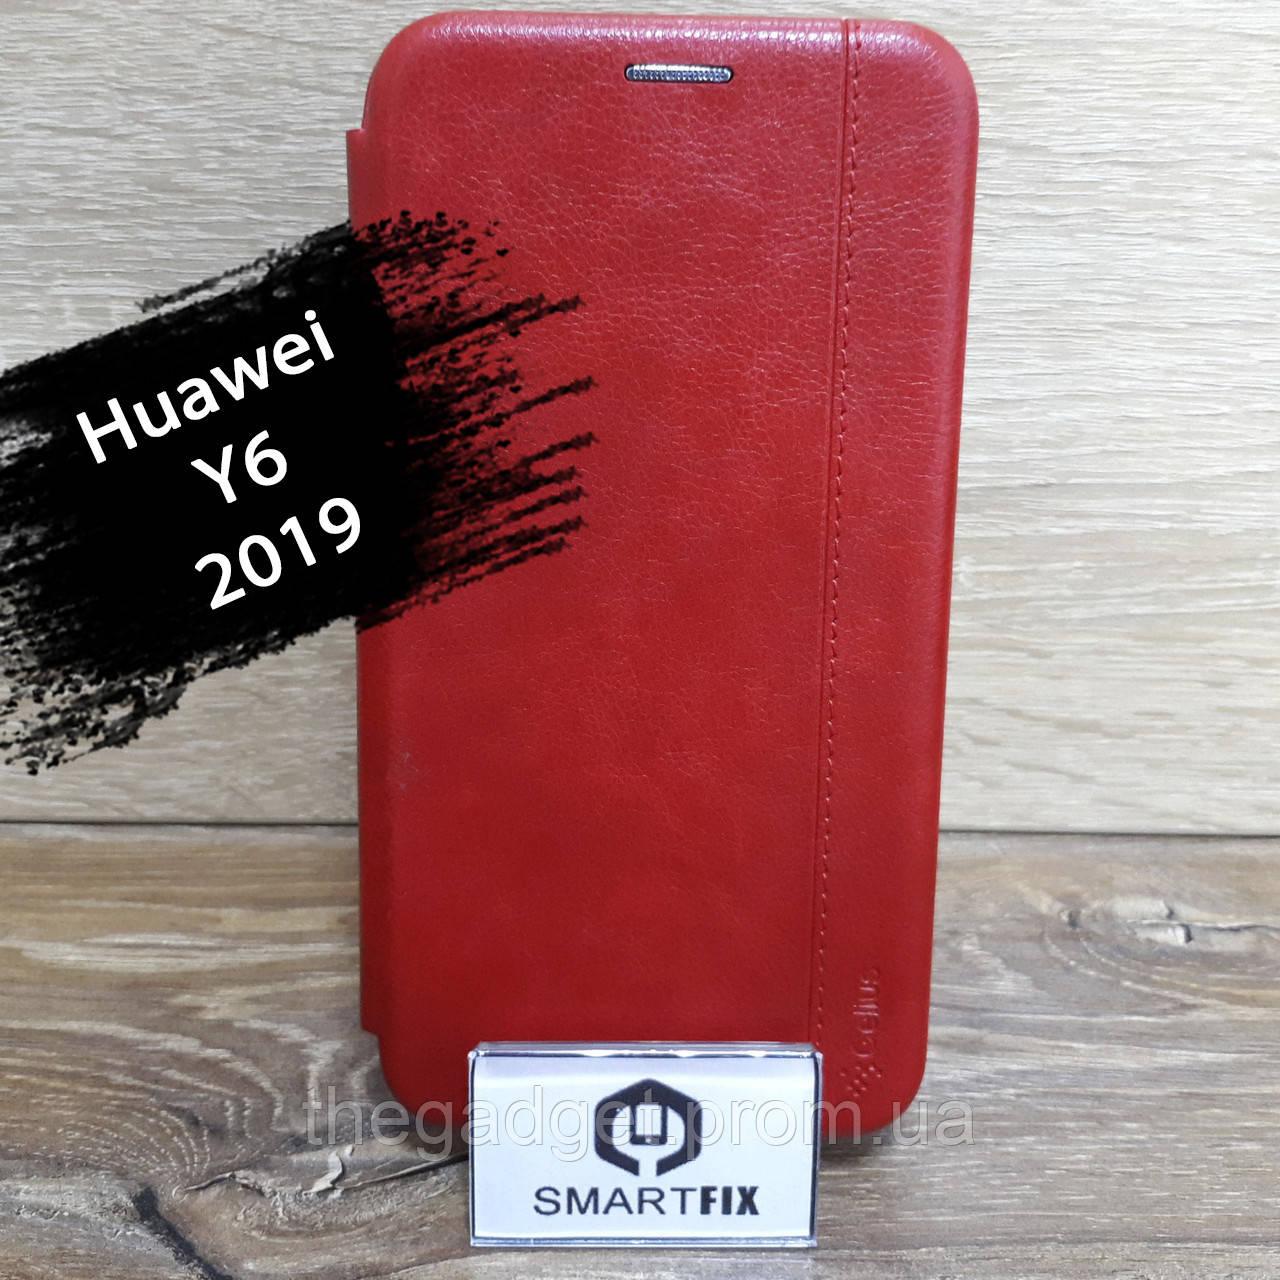 Чехол книжка для Huawei Y6 2019 Gelius